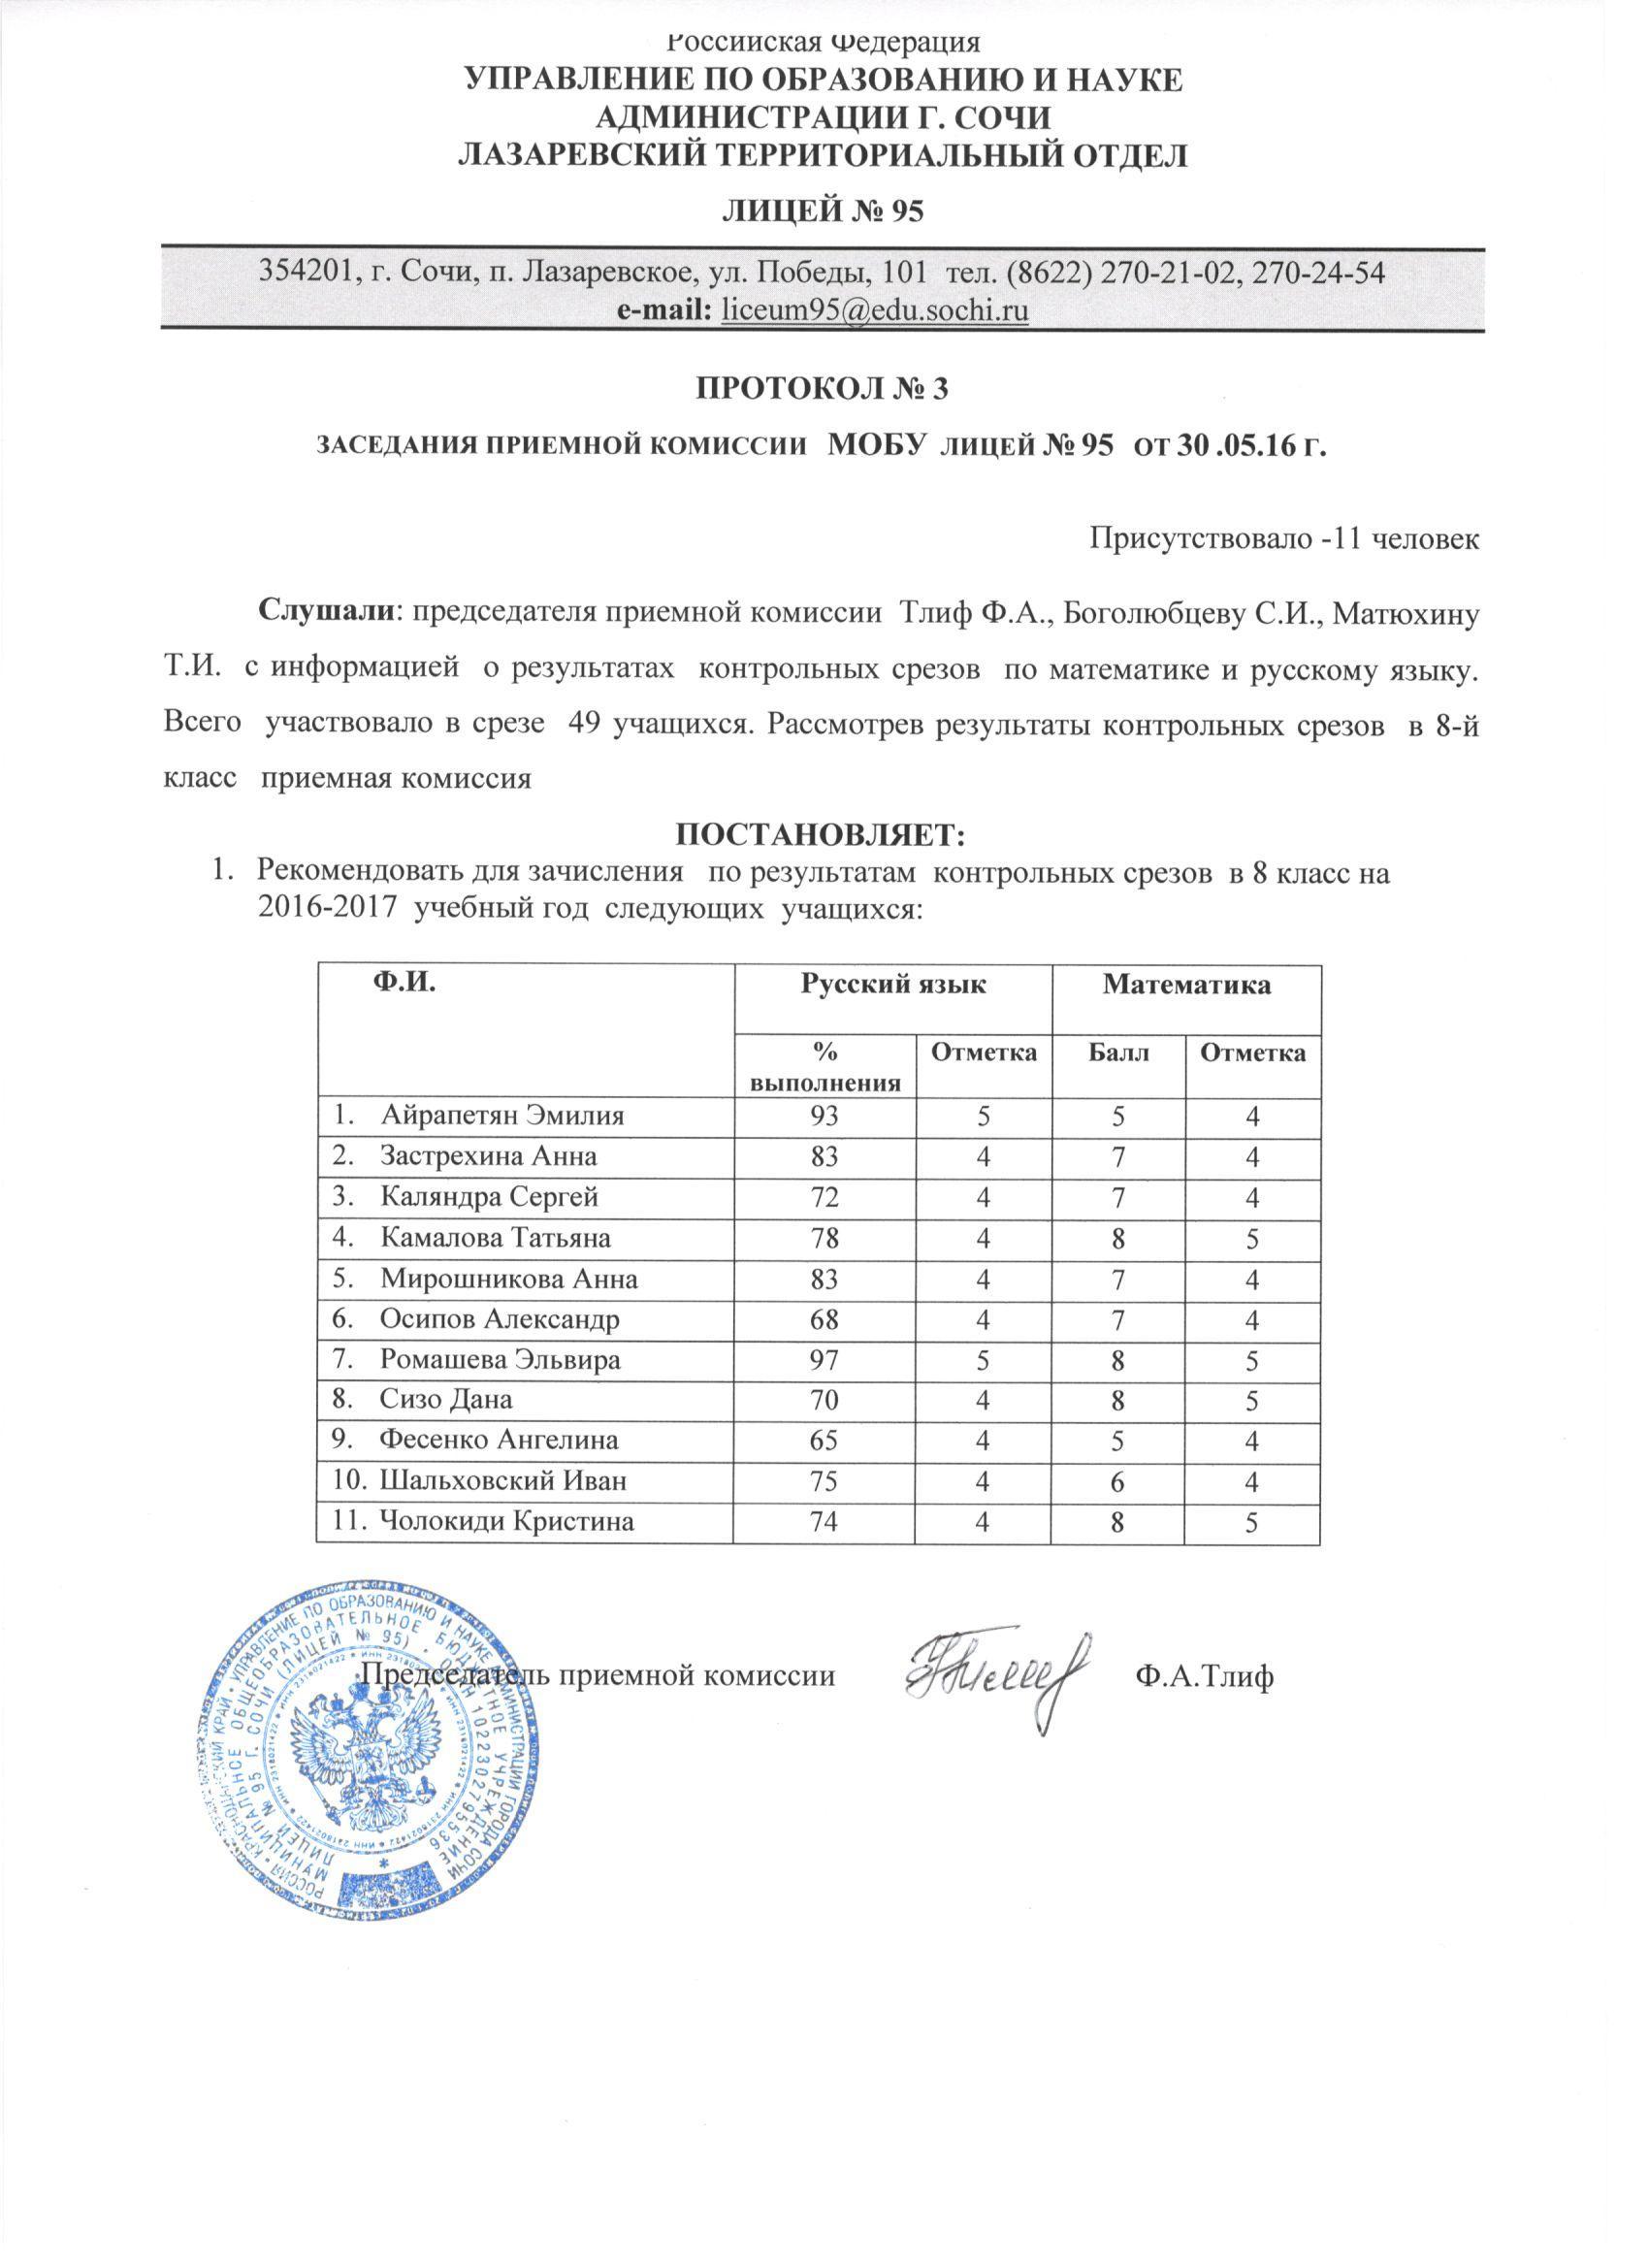 Протокол заседания конфликтной комиссии в доу образец — zamanbap. Kg.